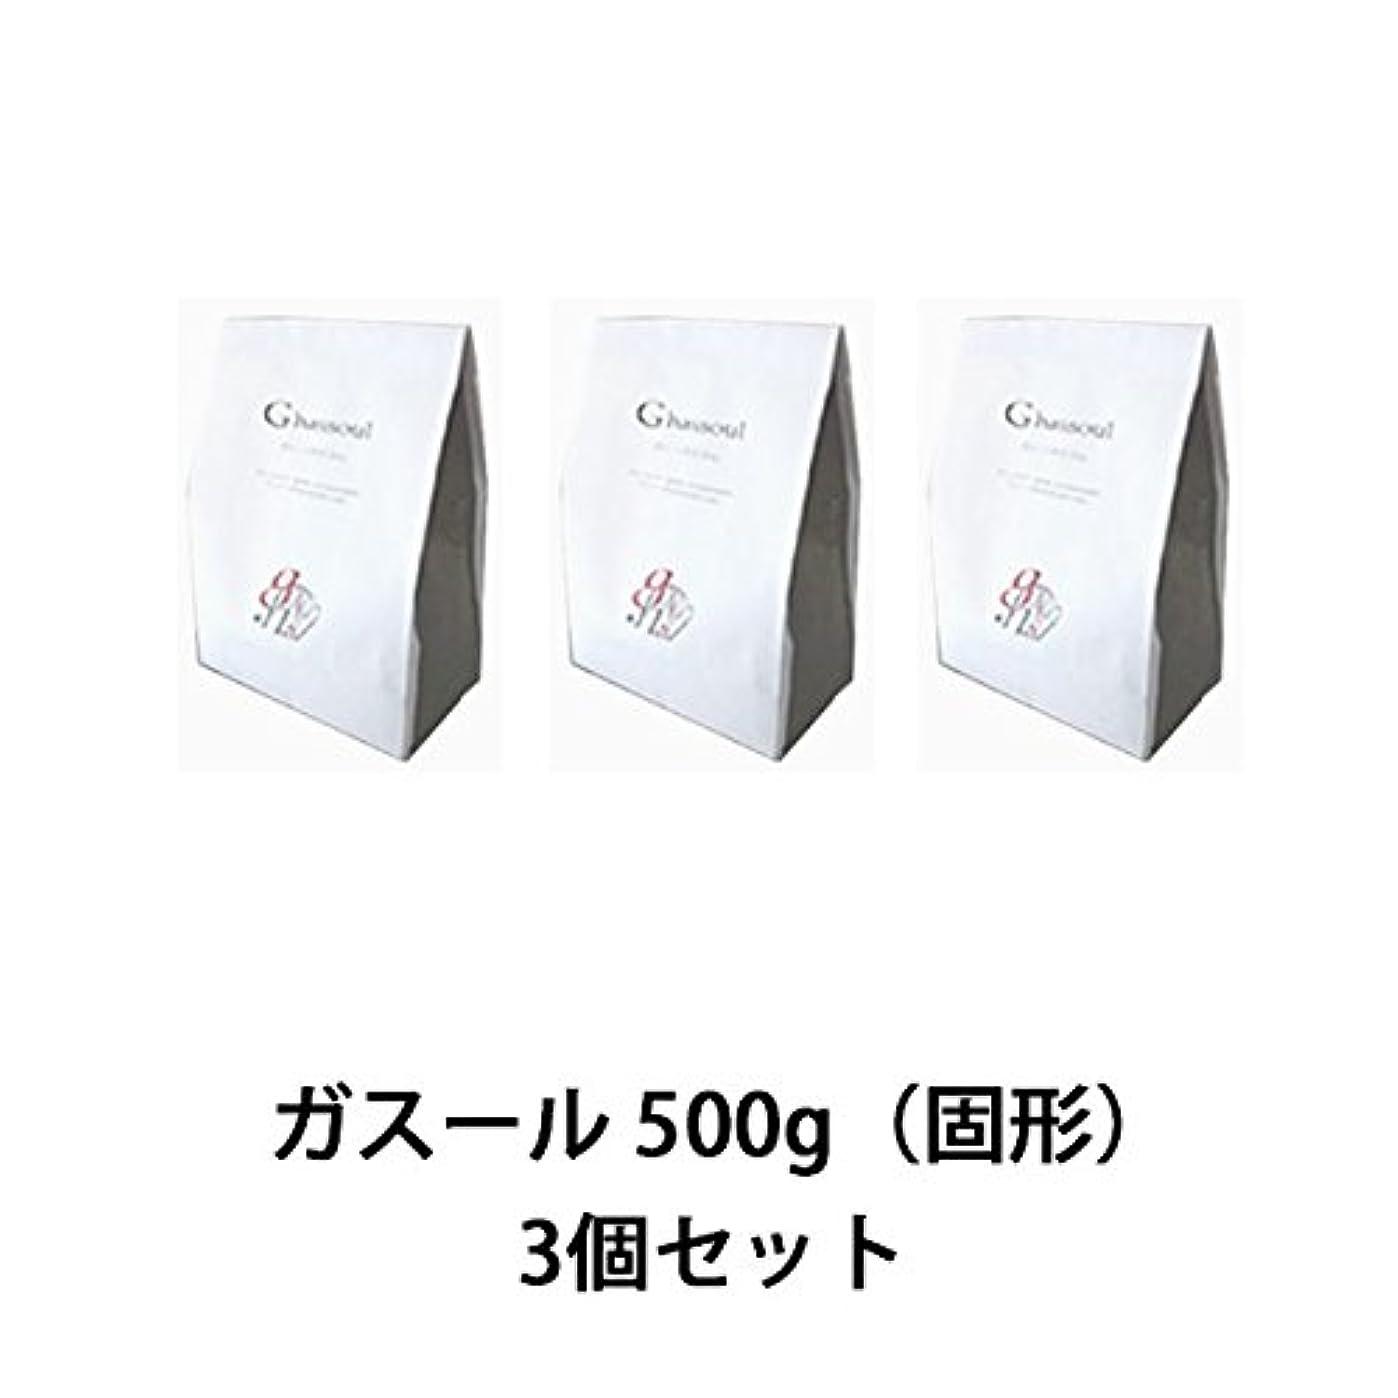 豊かにする同一性ブロンズ【ナイアード】ガスール 固形 500g ×3個セット